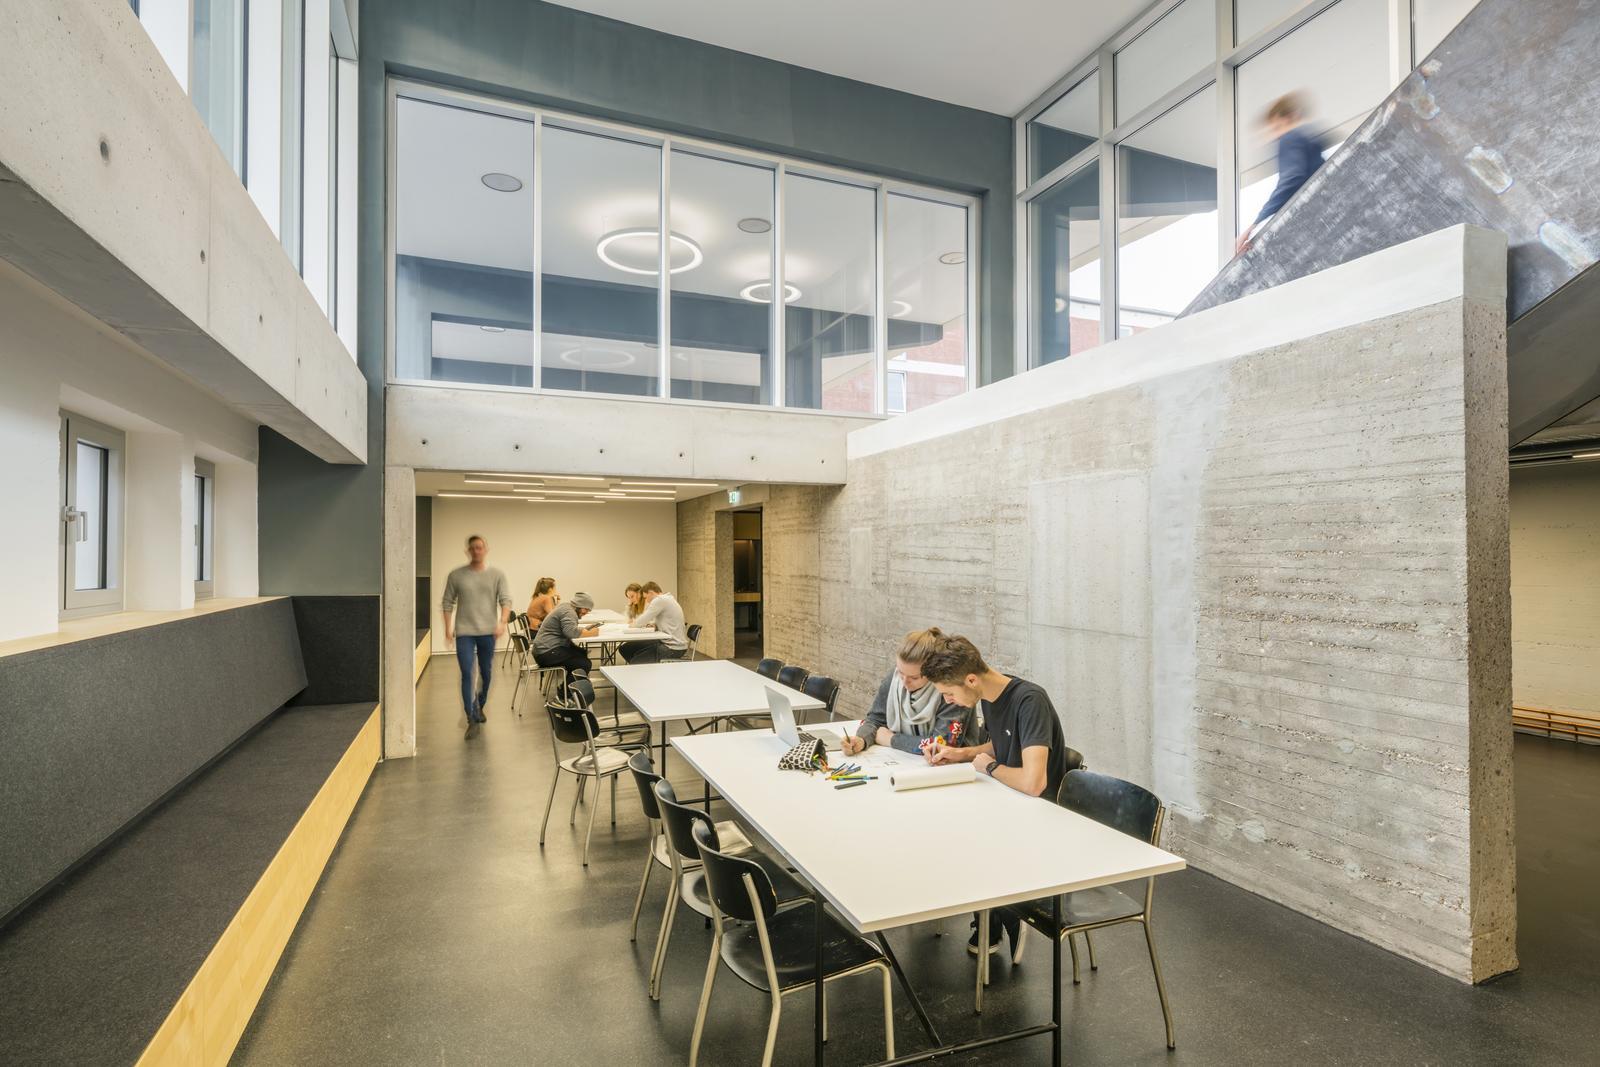 Lernzentrum architektur hochschule darmstadt university for Fachhochschule architektur